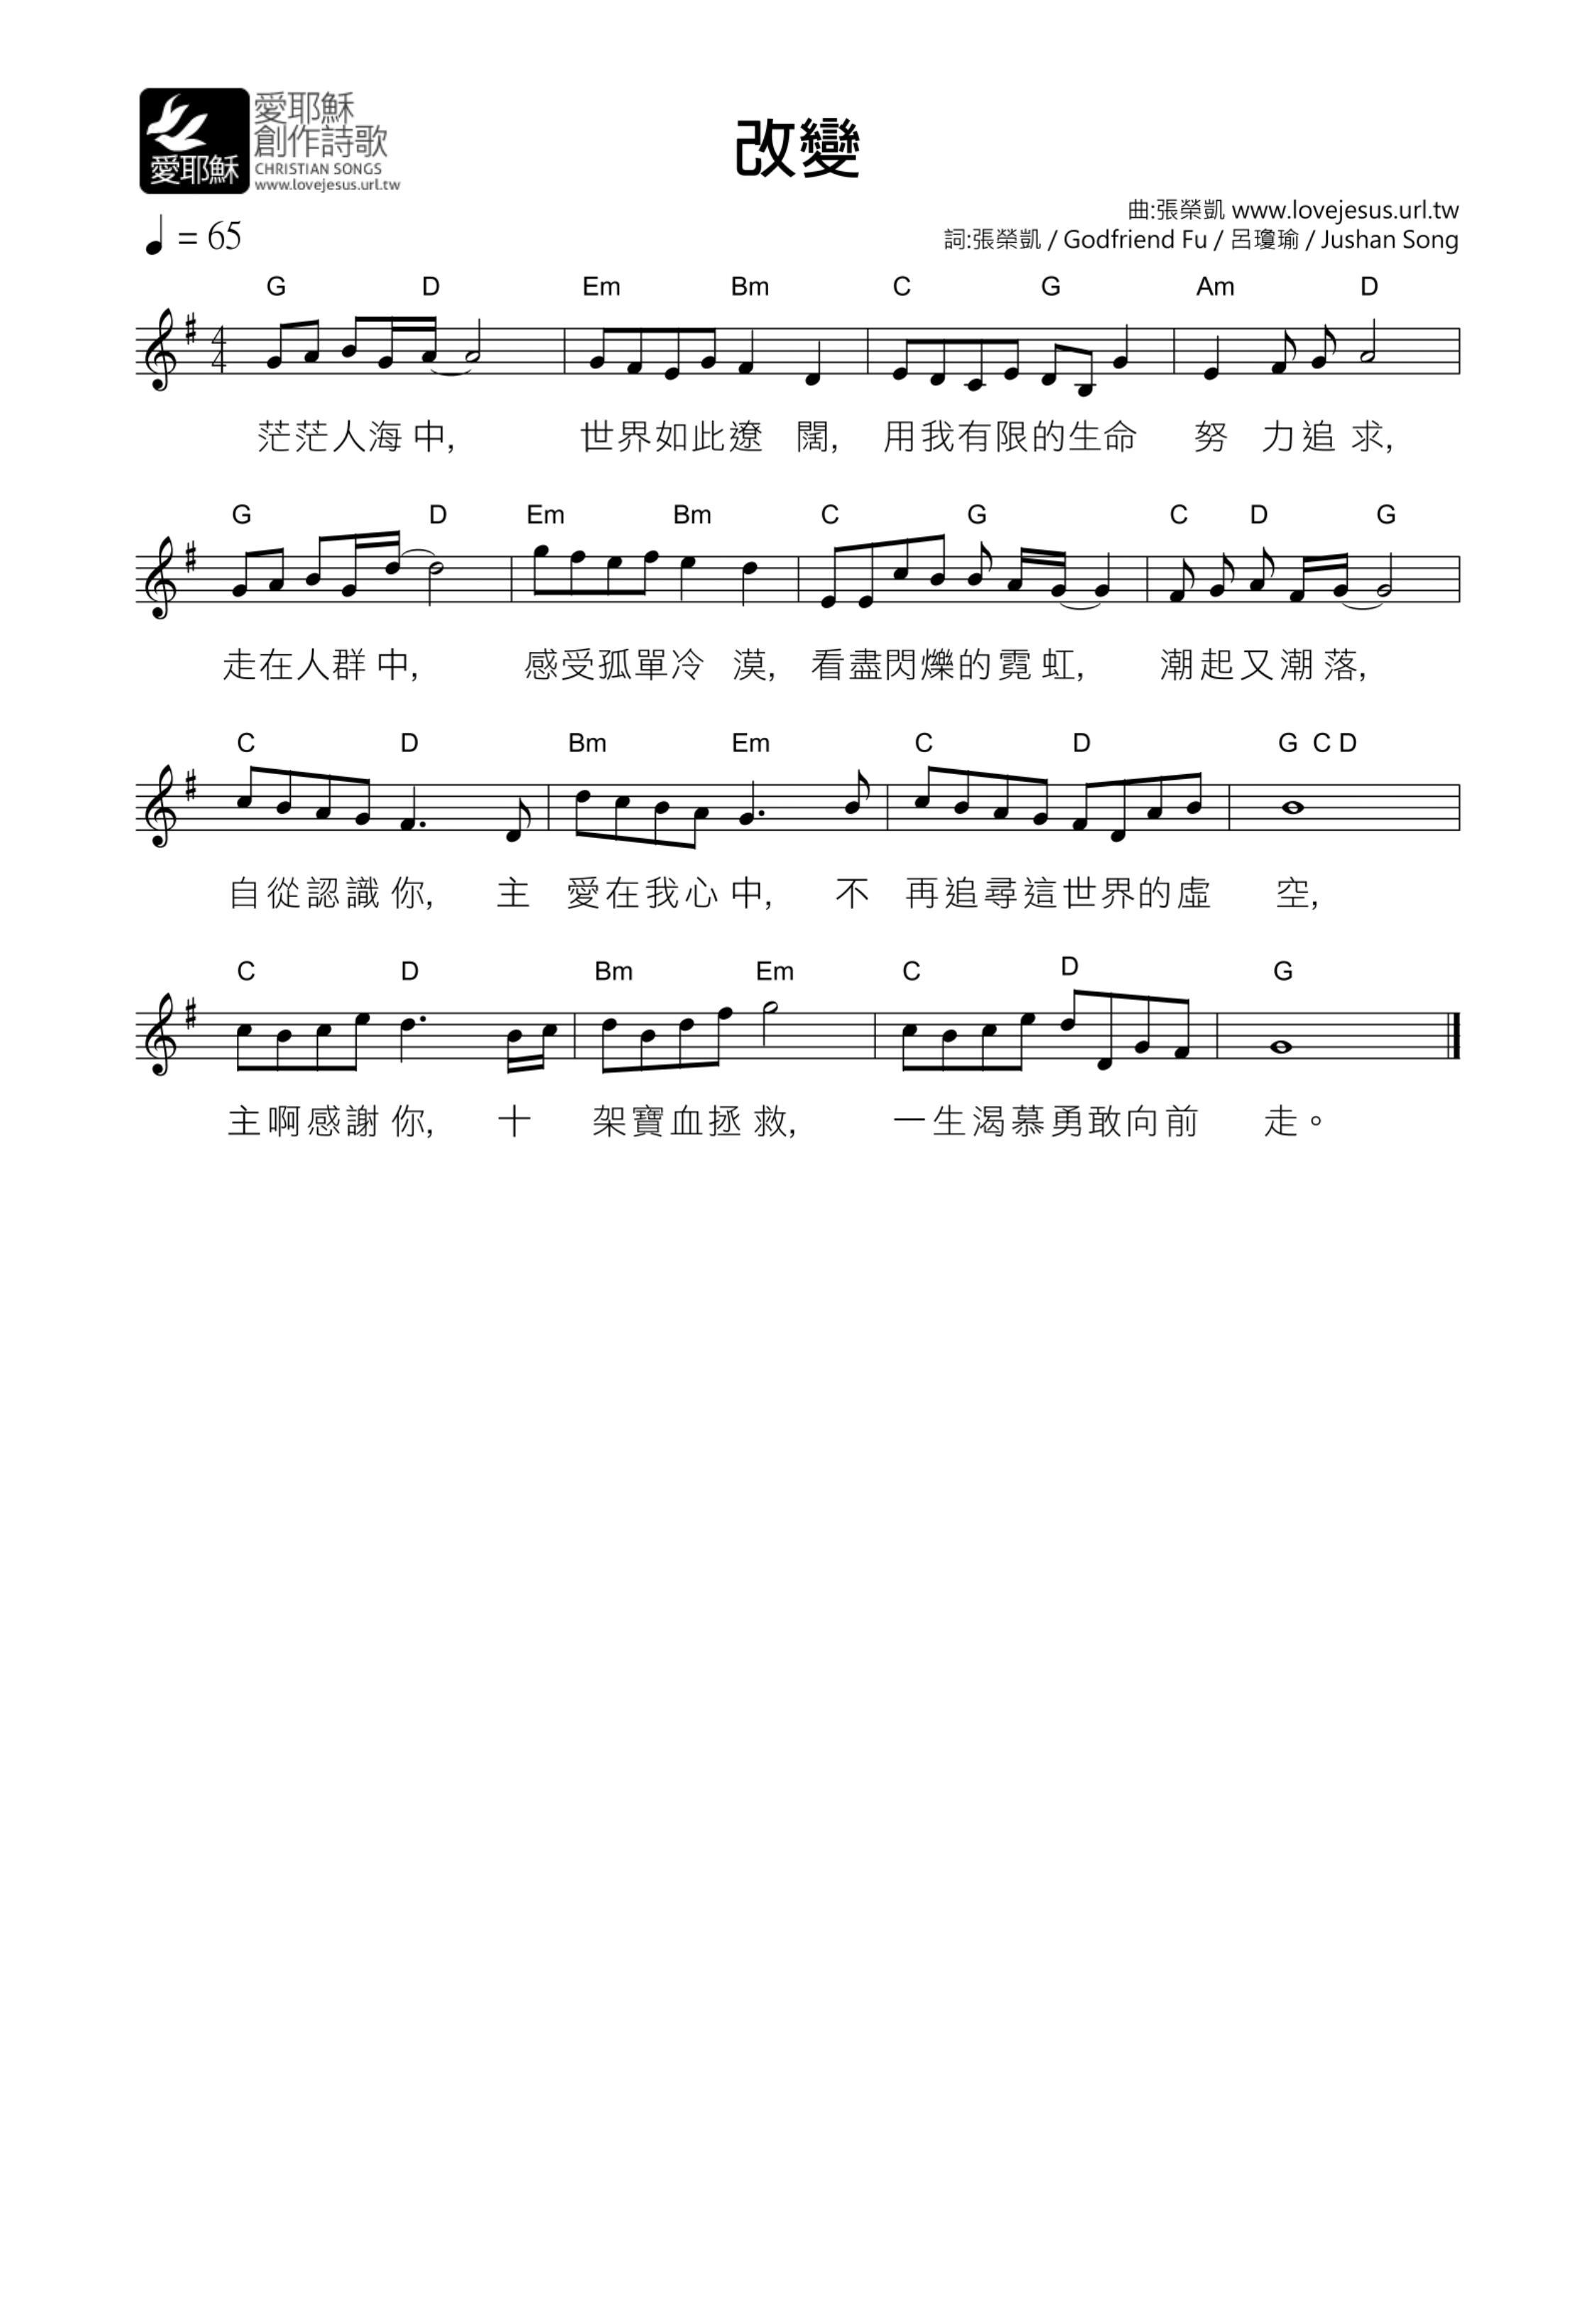 《改变 官方和弦五线谱》